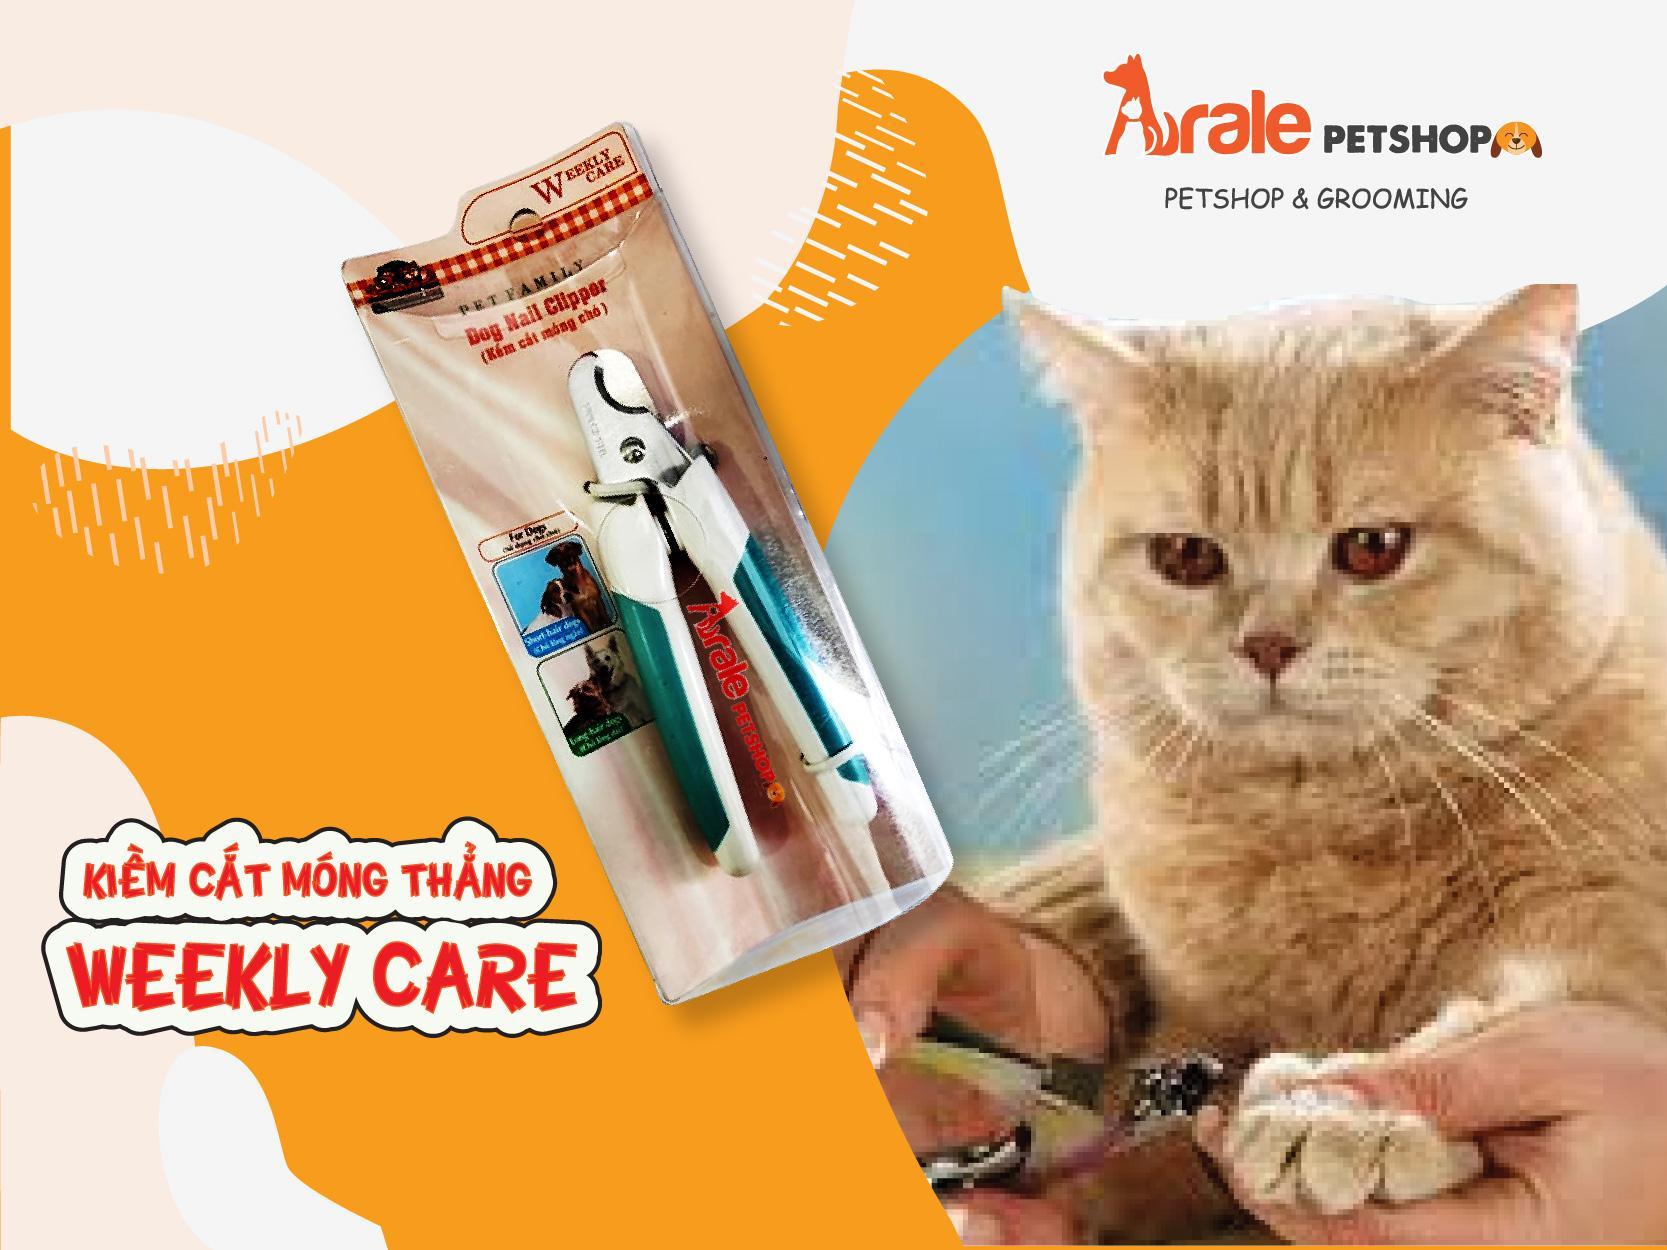 kiềm cắt móng chất liệu thép không ghỉ, bền và dễ sử dụng giúp bạn dễ dàng cắt móng cho thú cưng